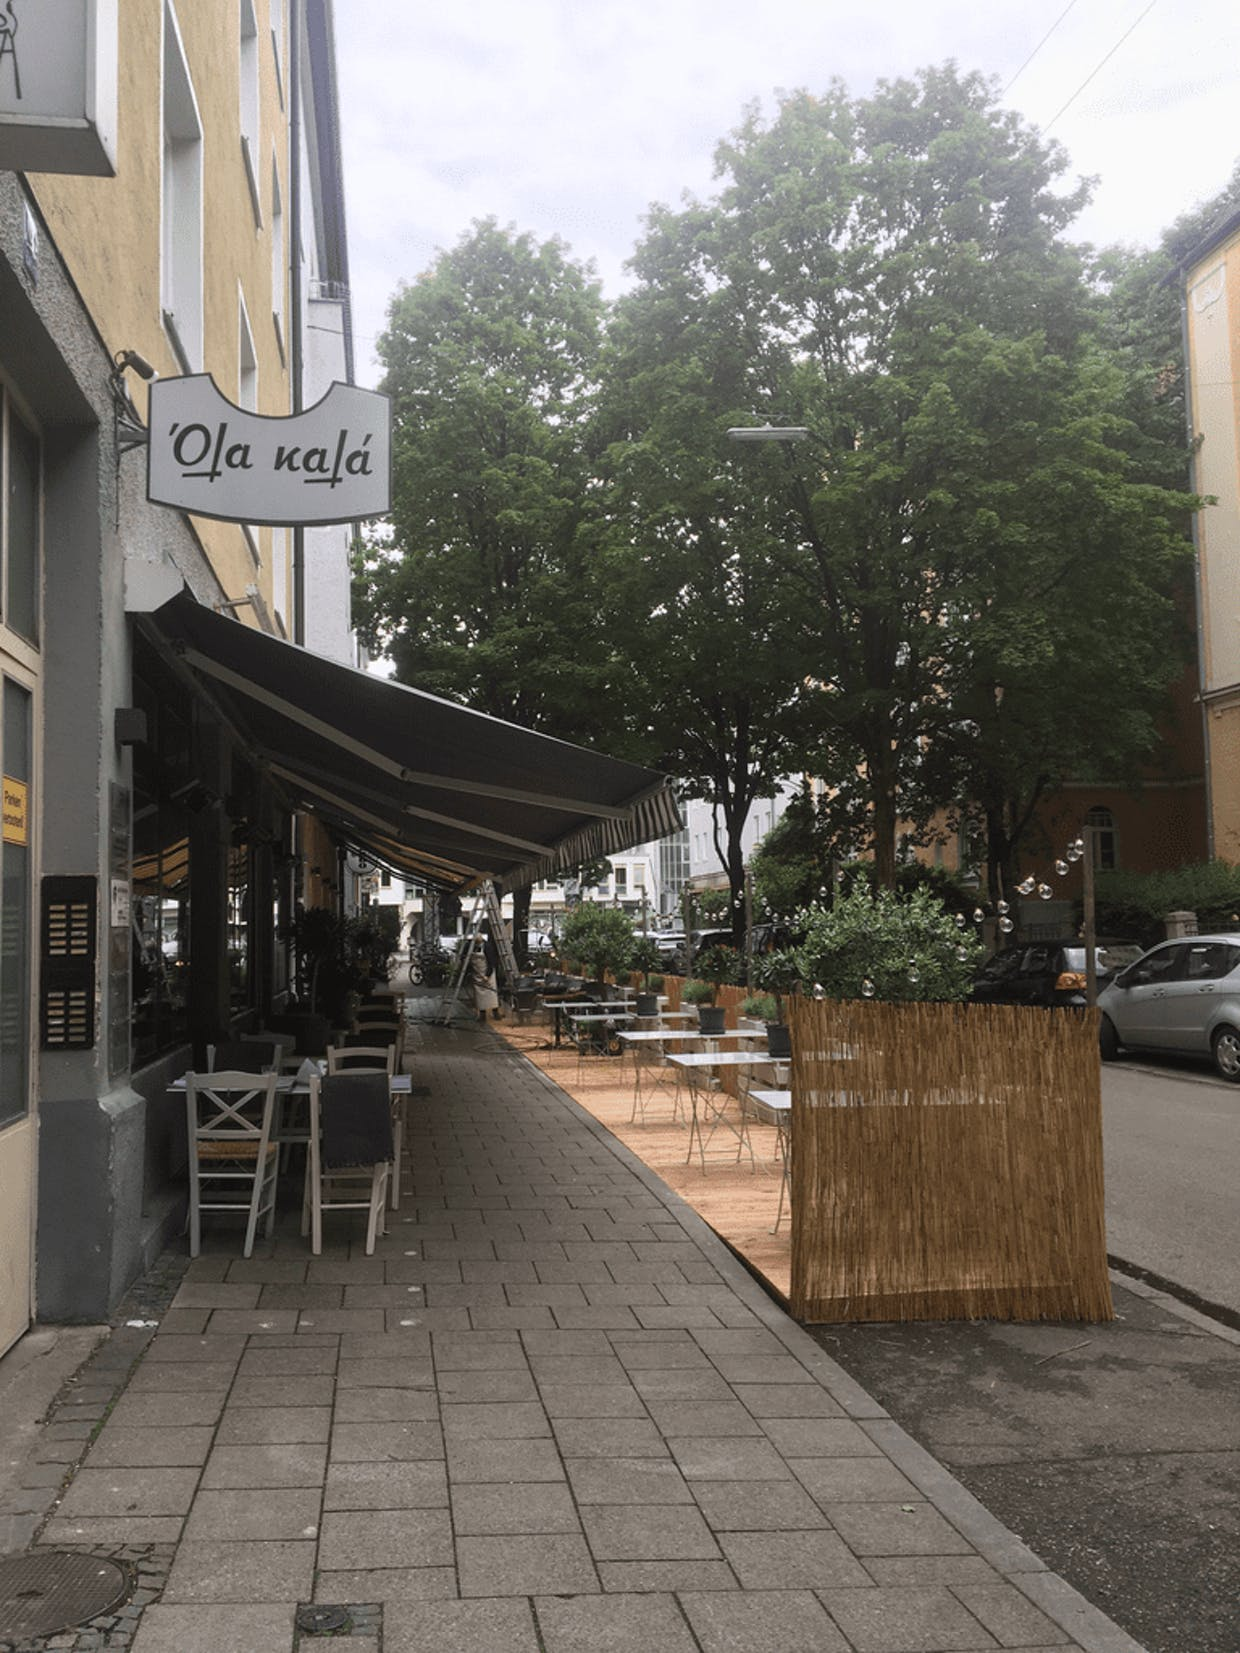 Munich's Schwabing district